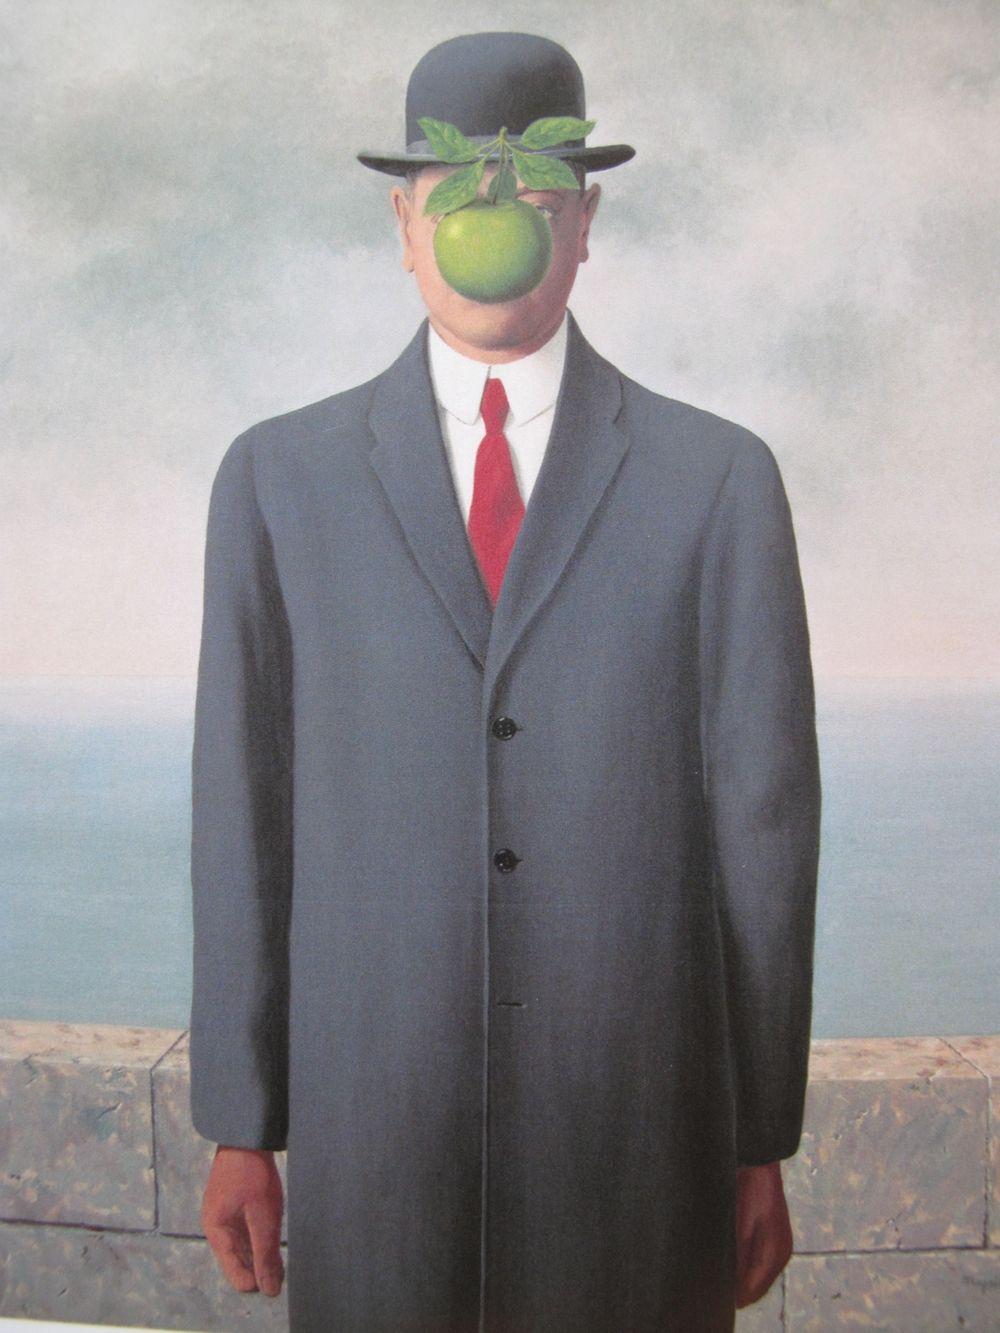 マグリット 人の子 シュルレアリスム 超現実主義 ルネ マグリット 美術史 有名な芸術